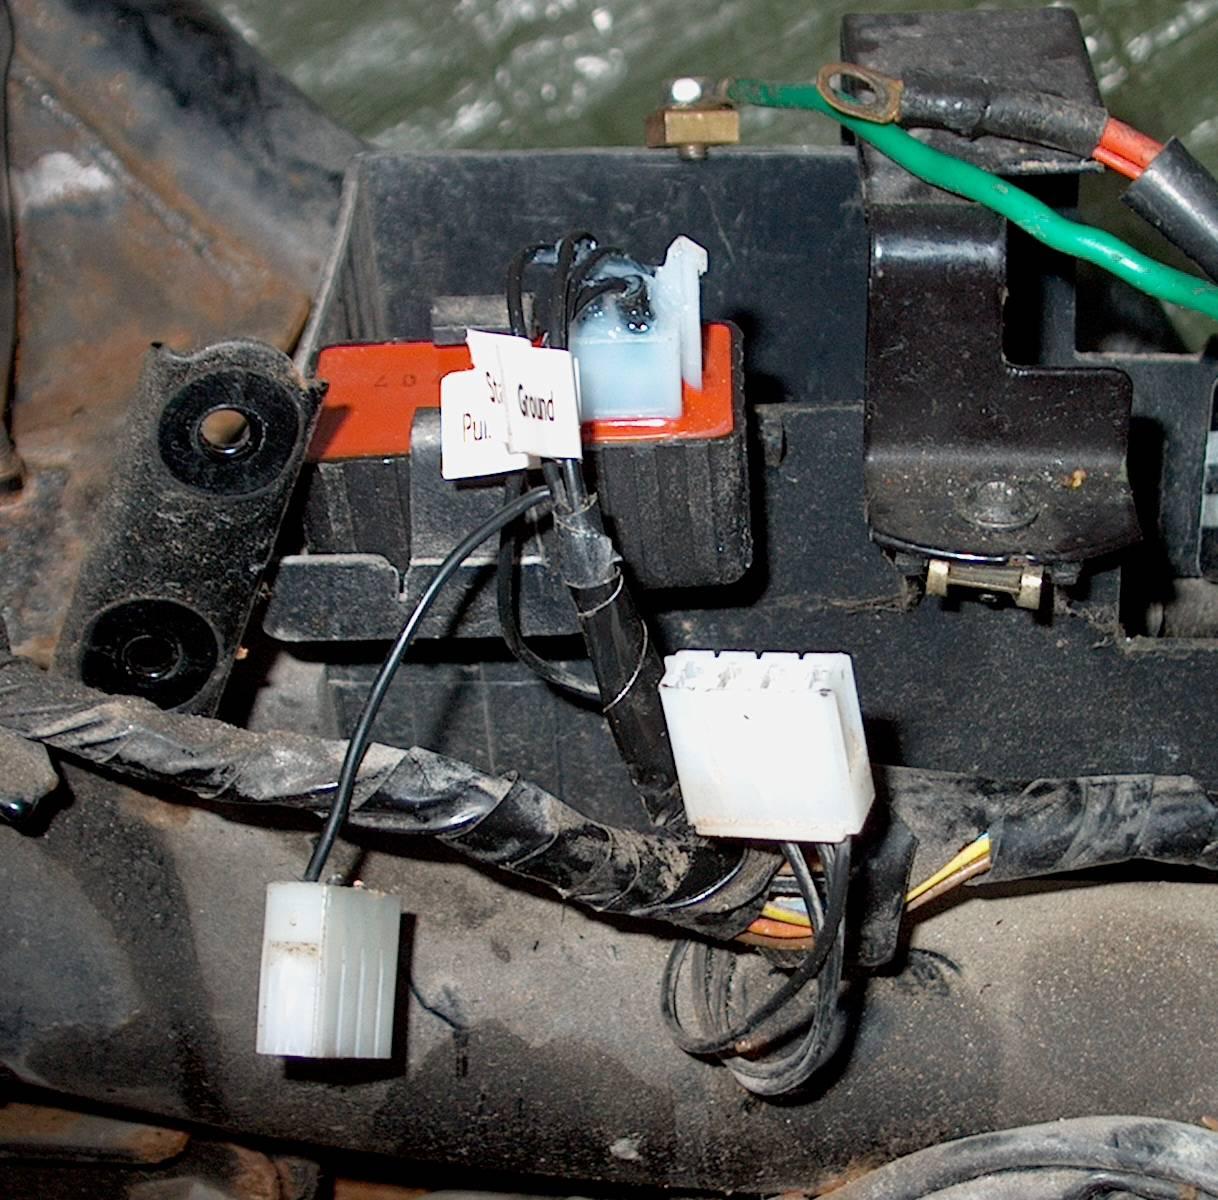 aec400 immobilizer rh stenberg dk peugeot speedfight 100cc wiring diagram peugeot speedfight 100cc wiring diagram